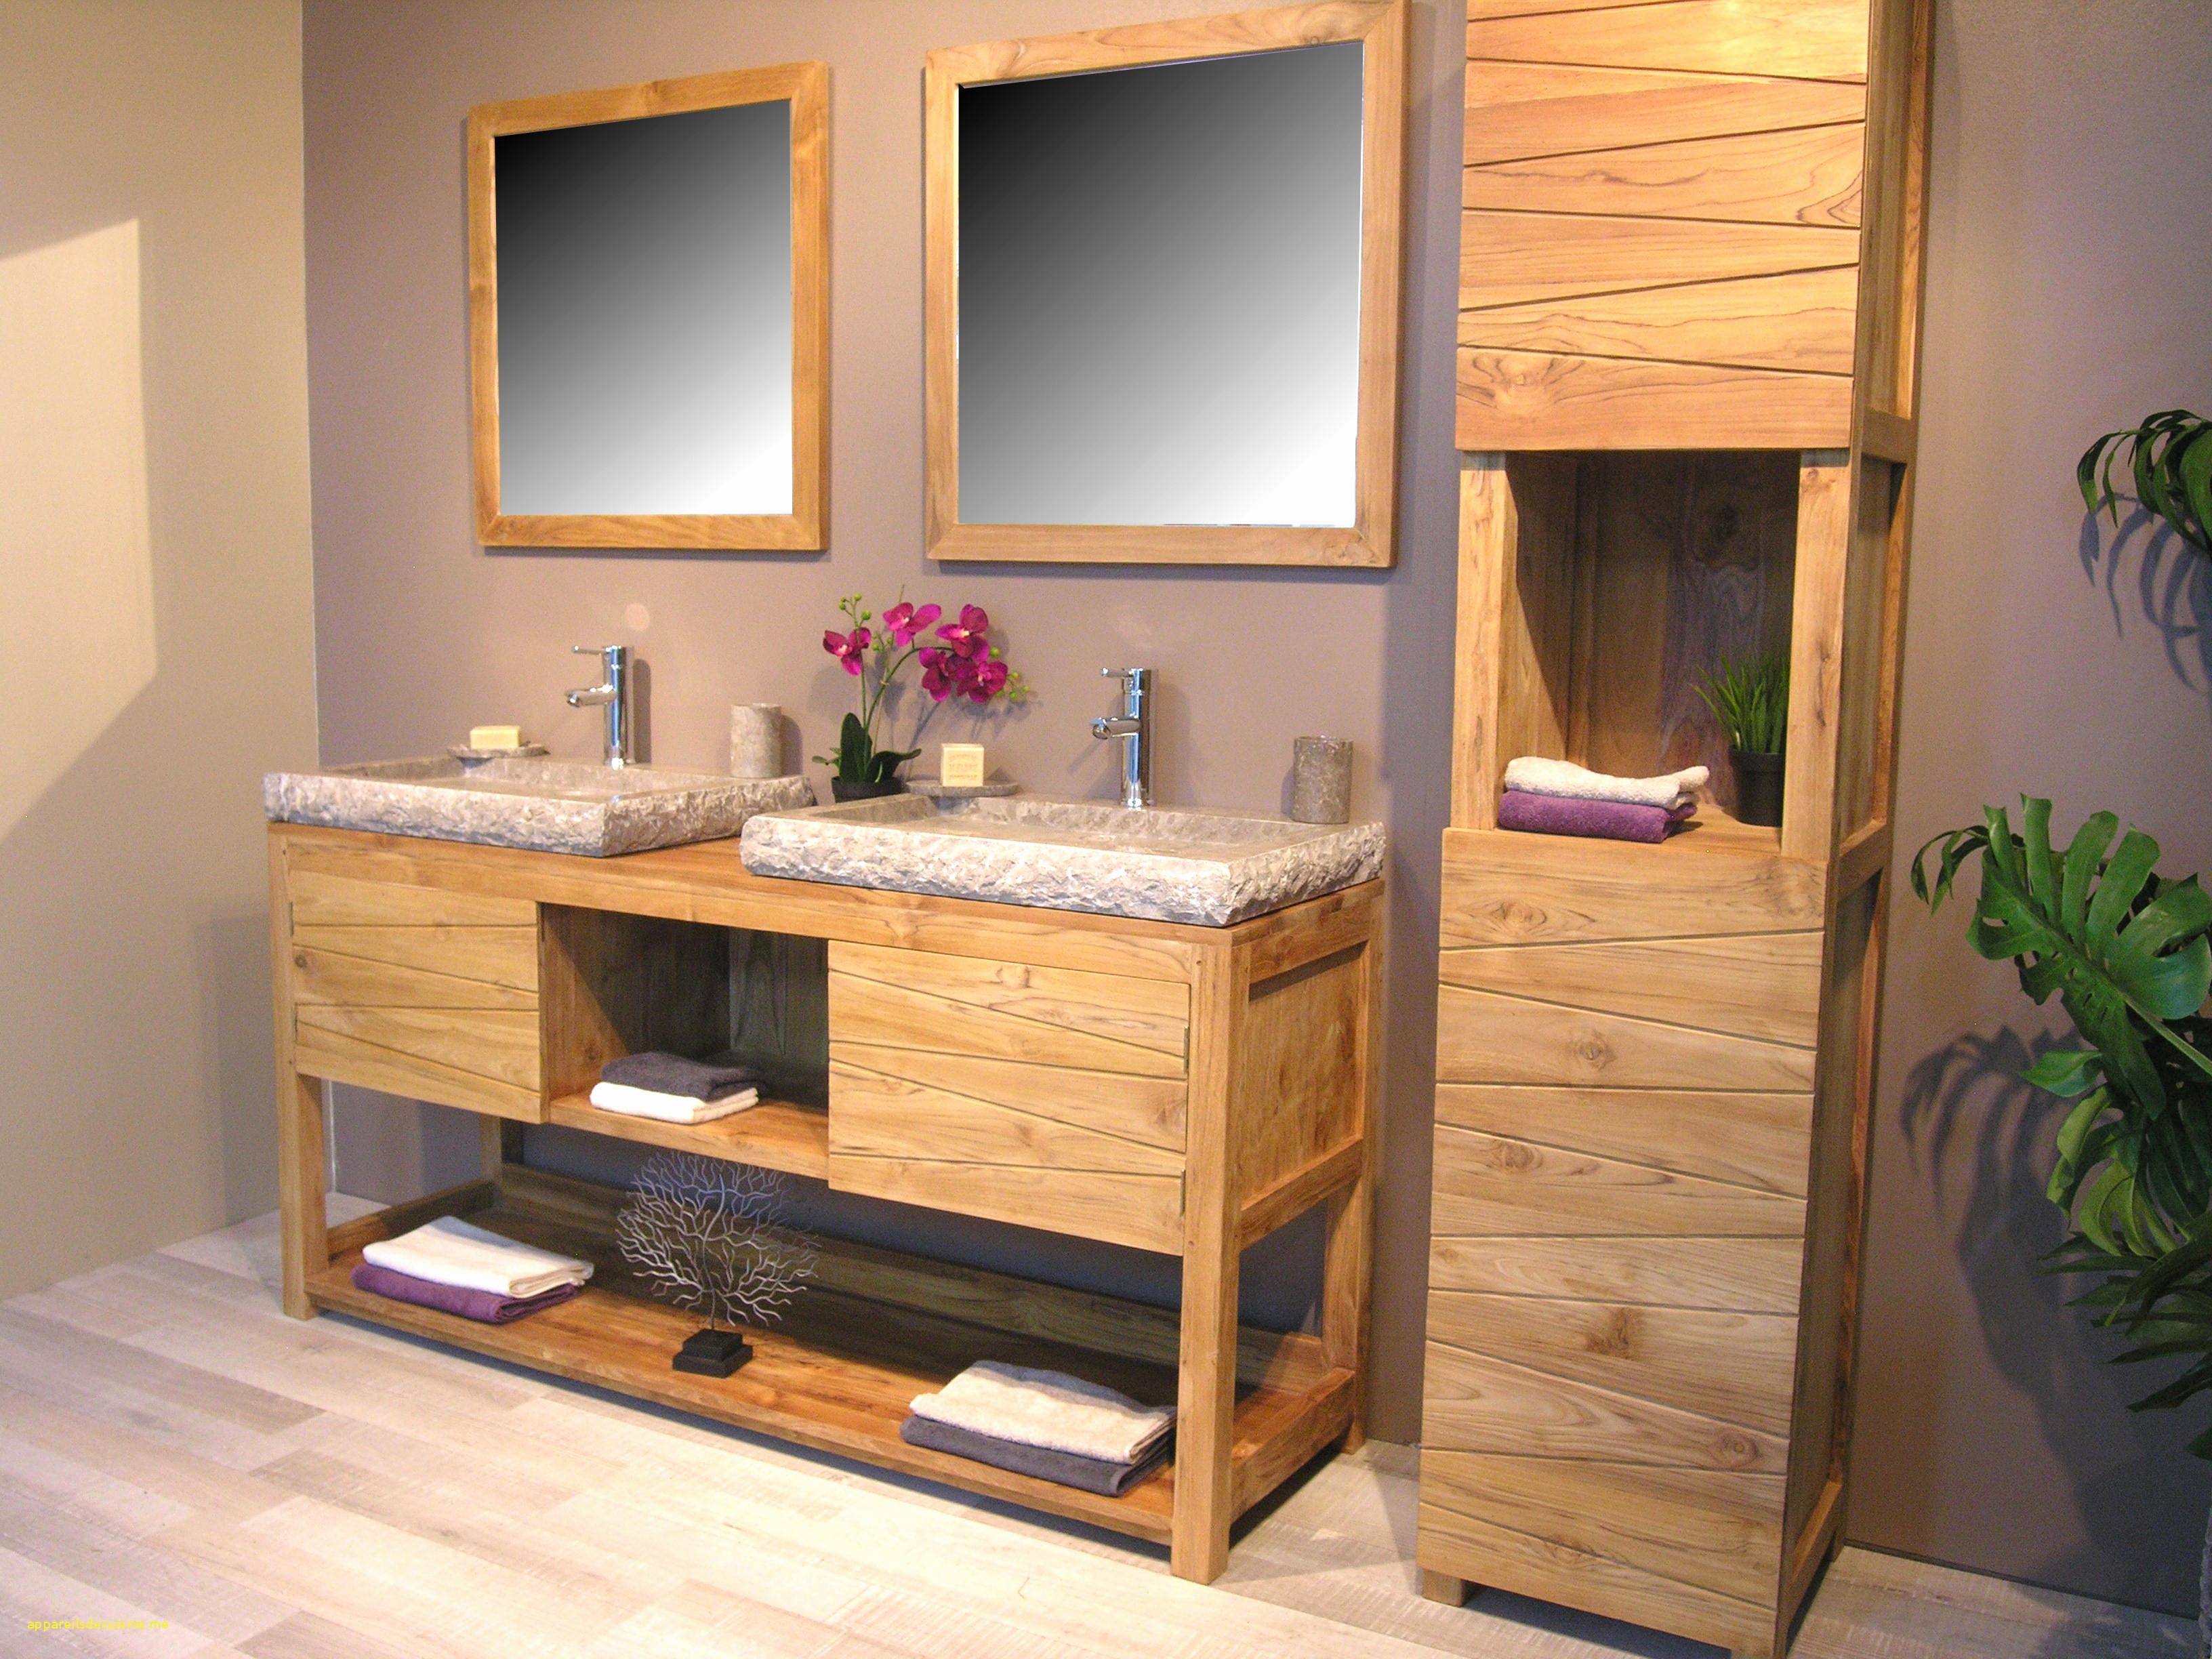 Meubles De Salle De Bains Conforama Inspirant Photos Meuble Double Vasque Teck Beau Meuble sous Vasque Conforama Maison